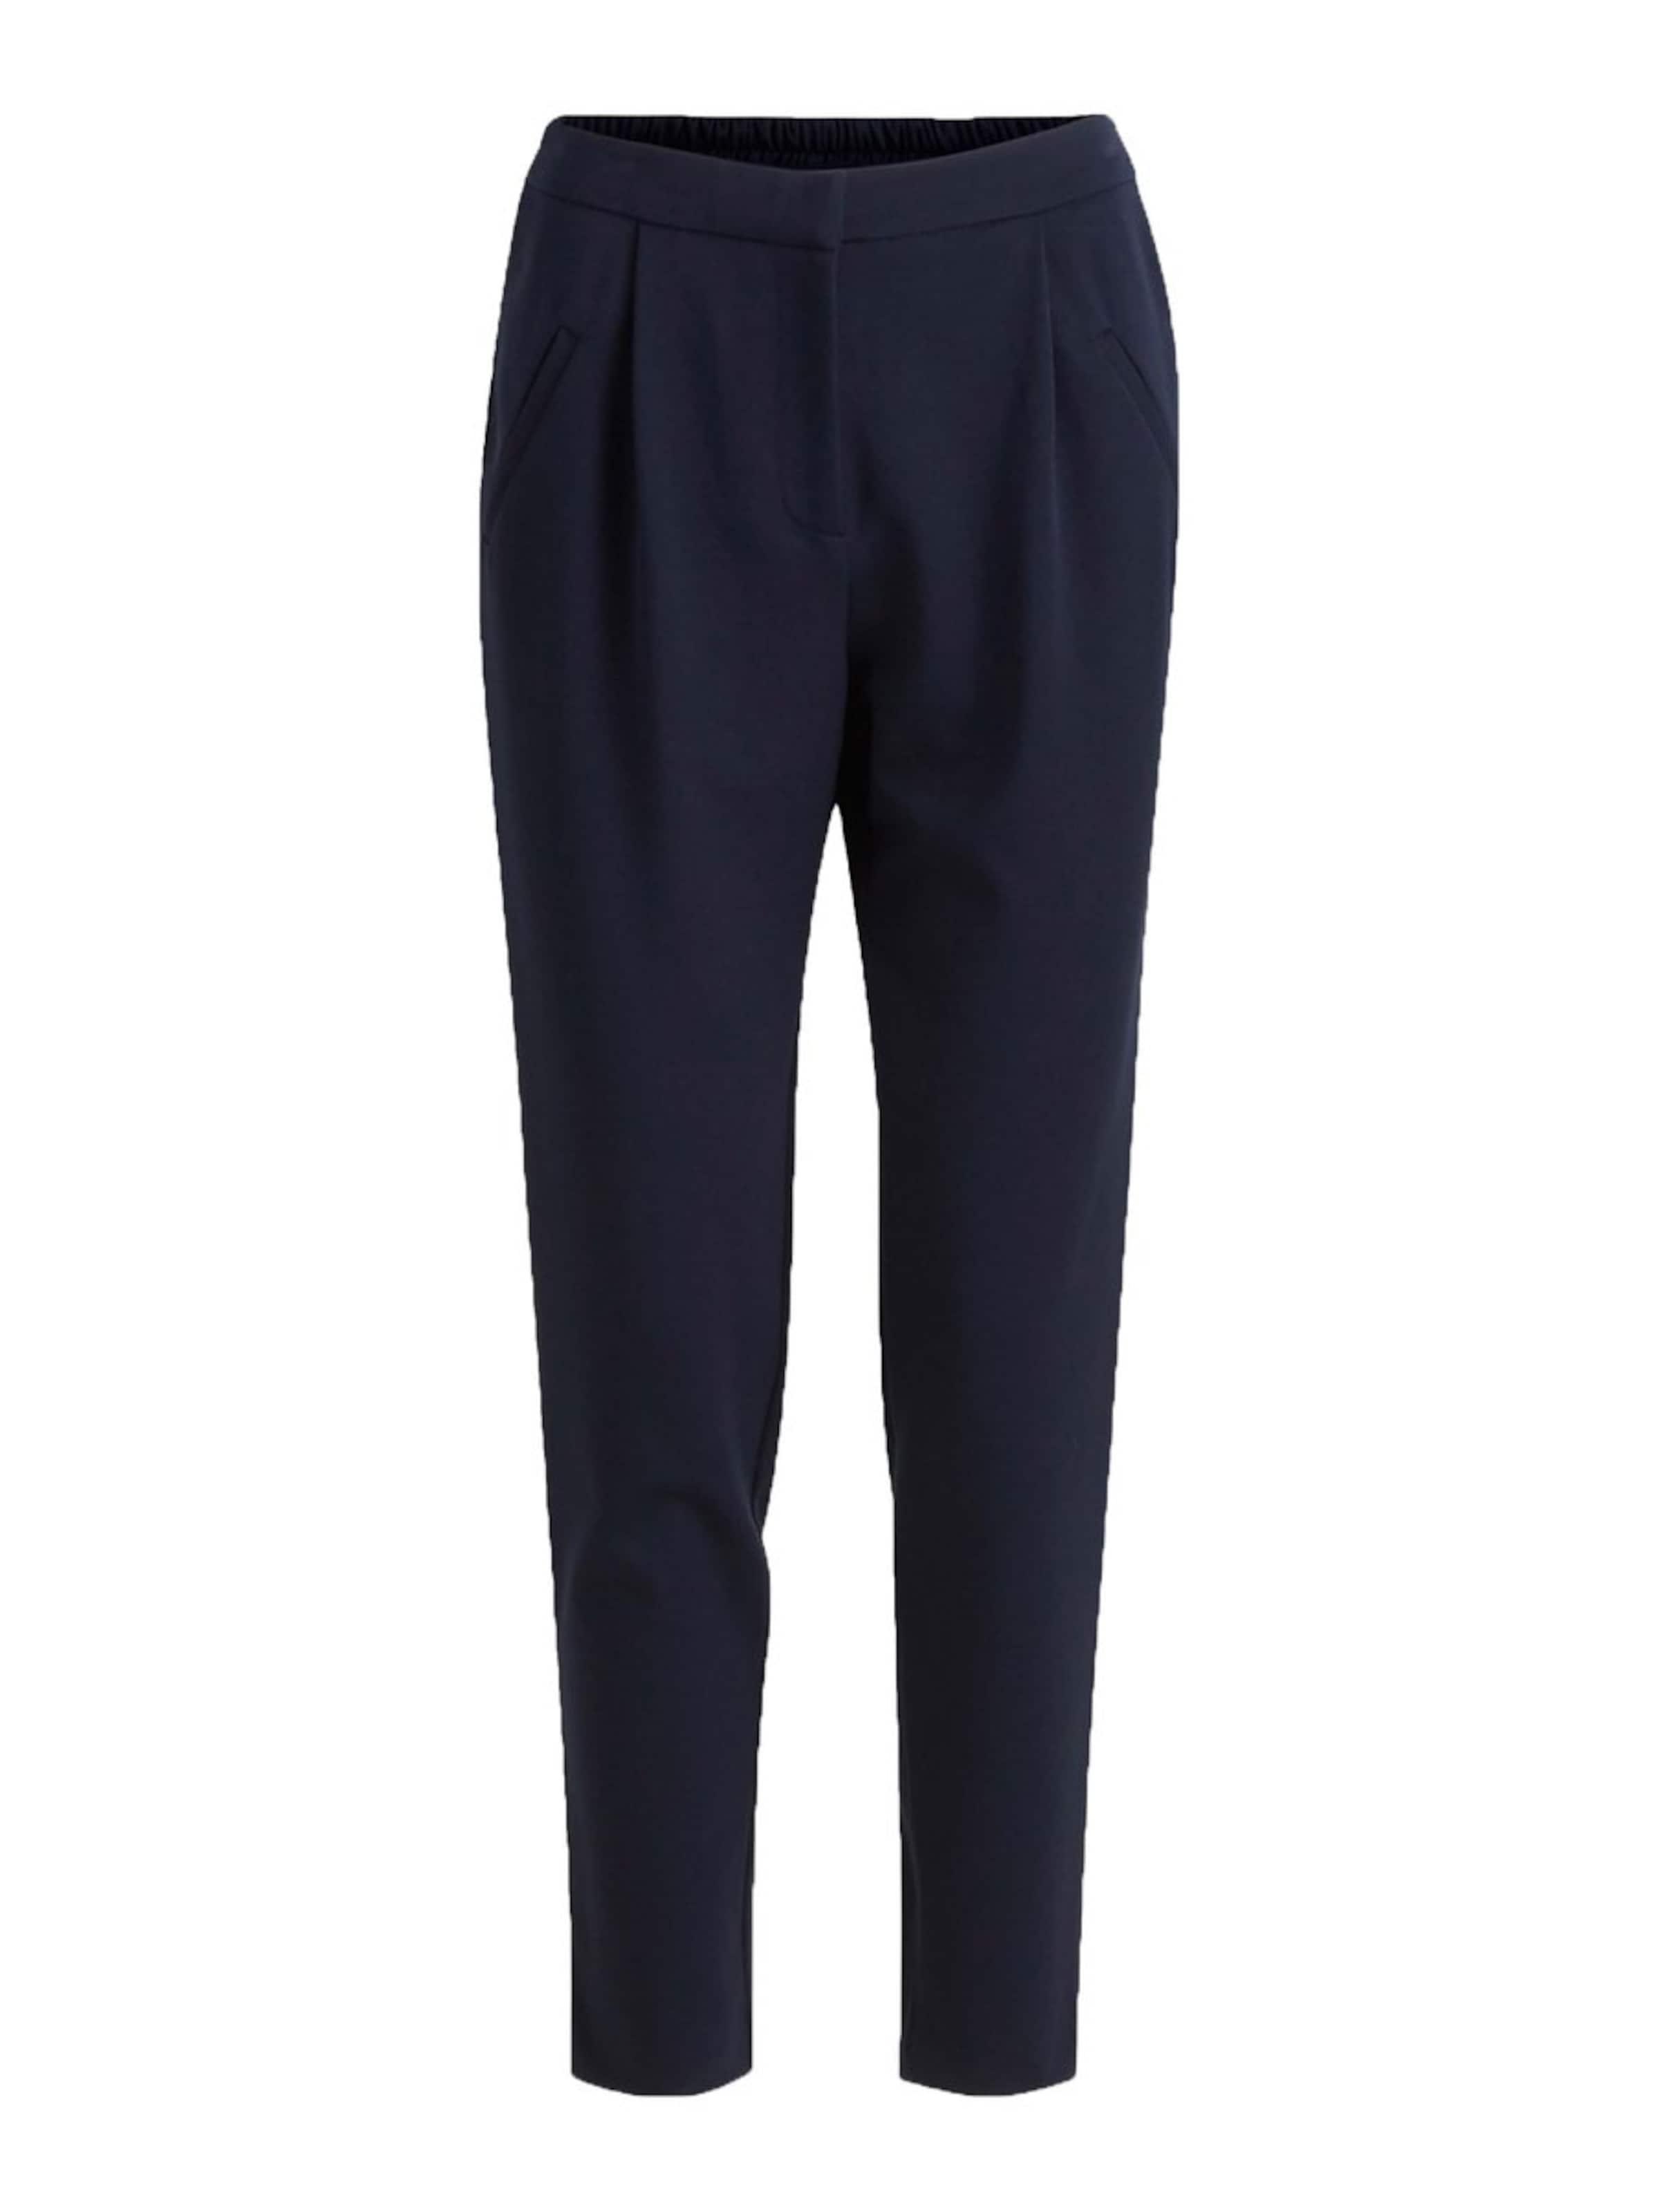 Bleu En a Y Pantalon s À Pince OPkNnwXZ80